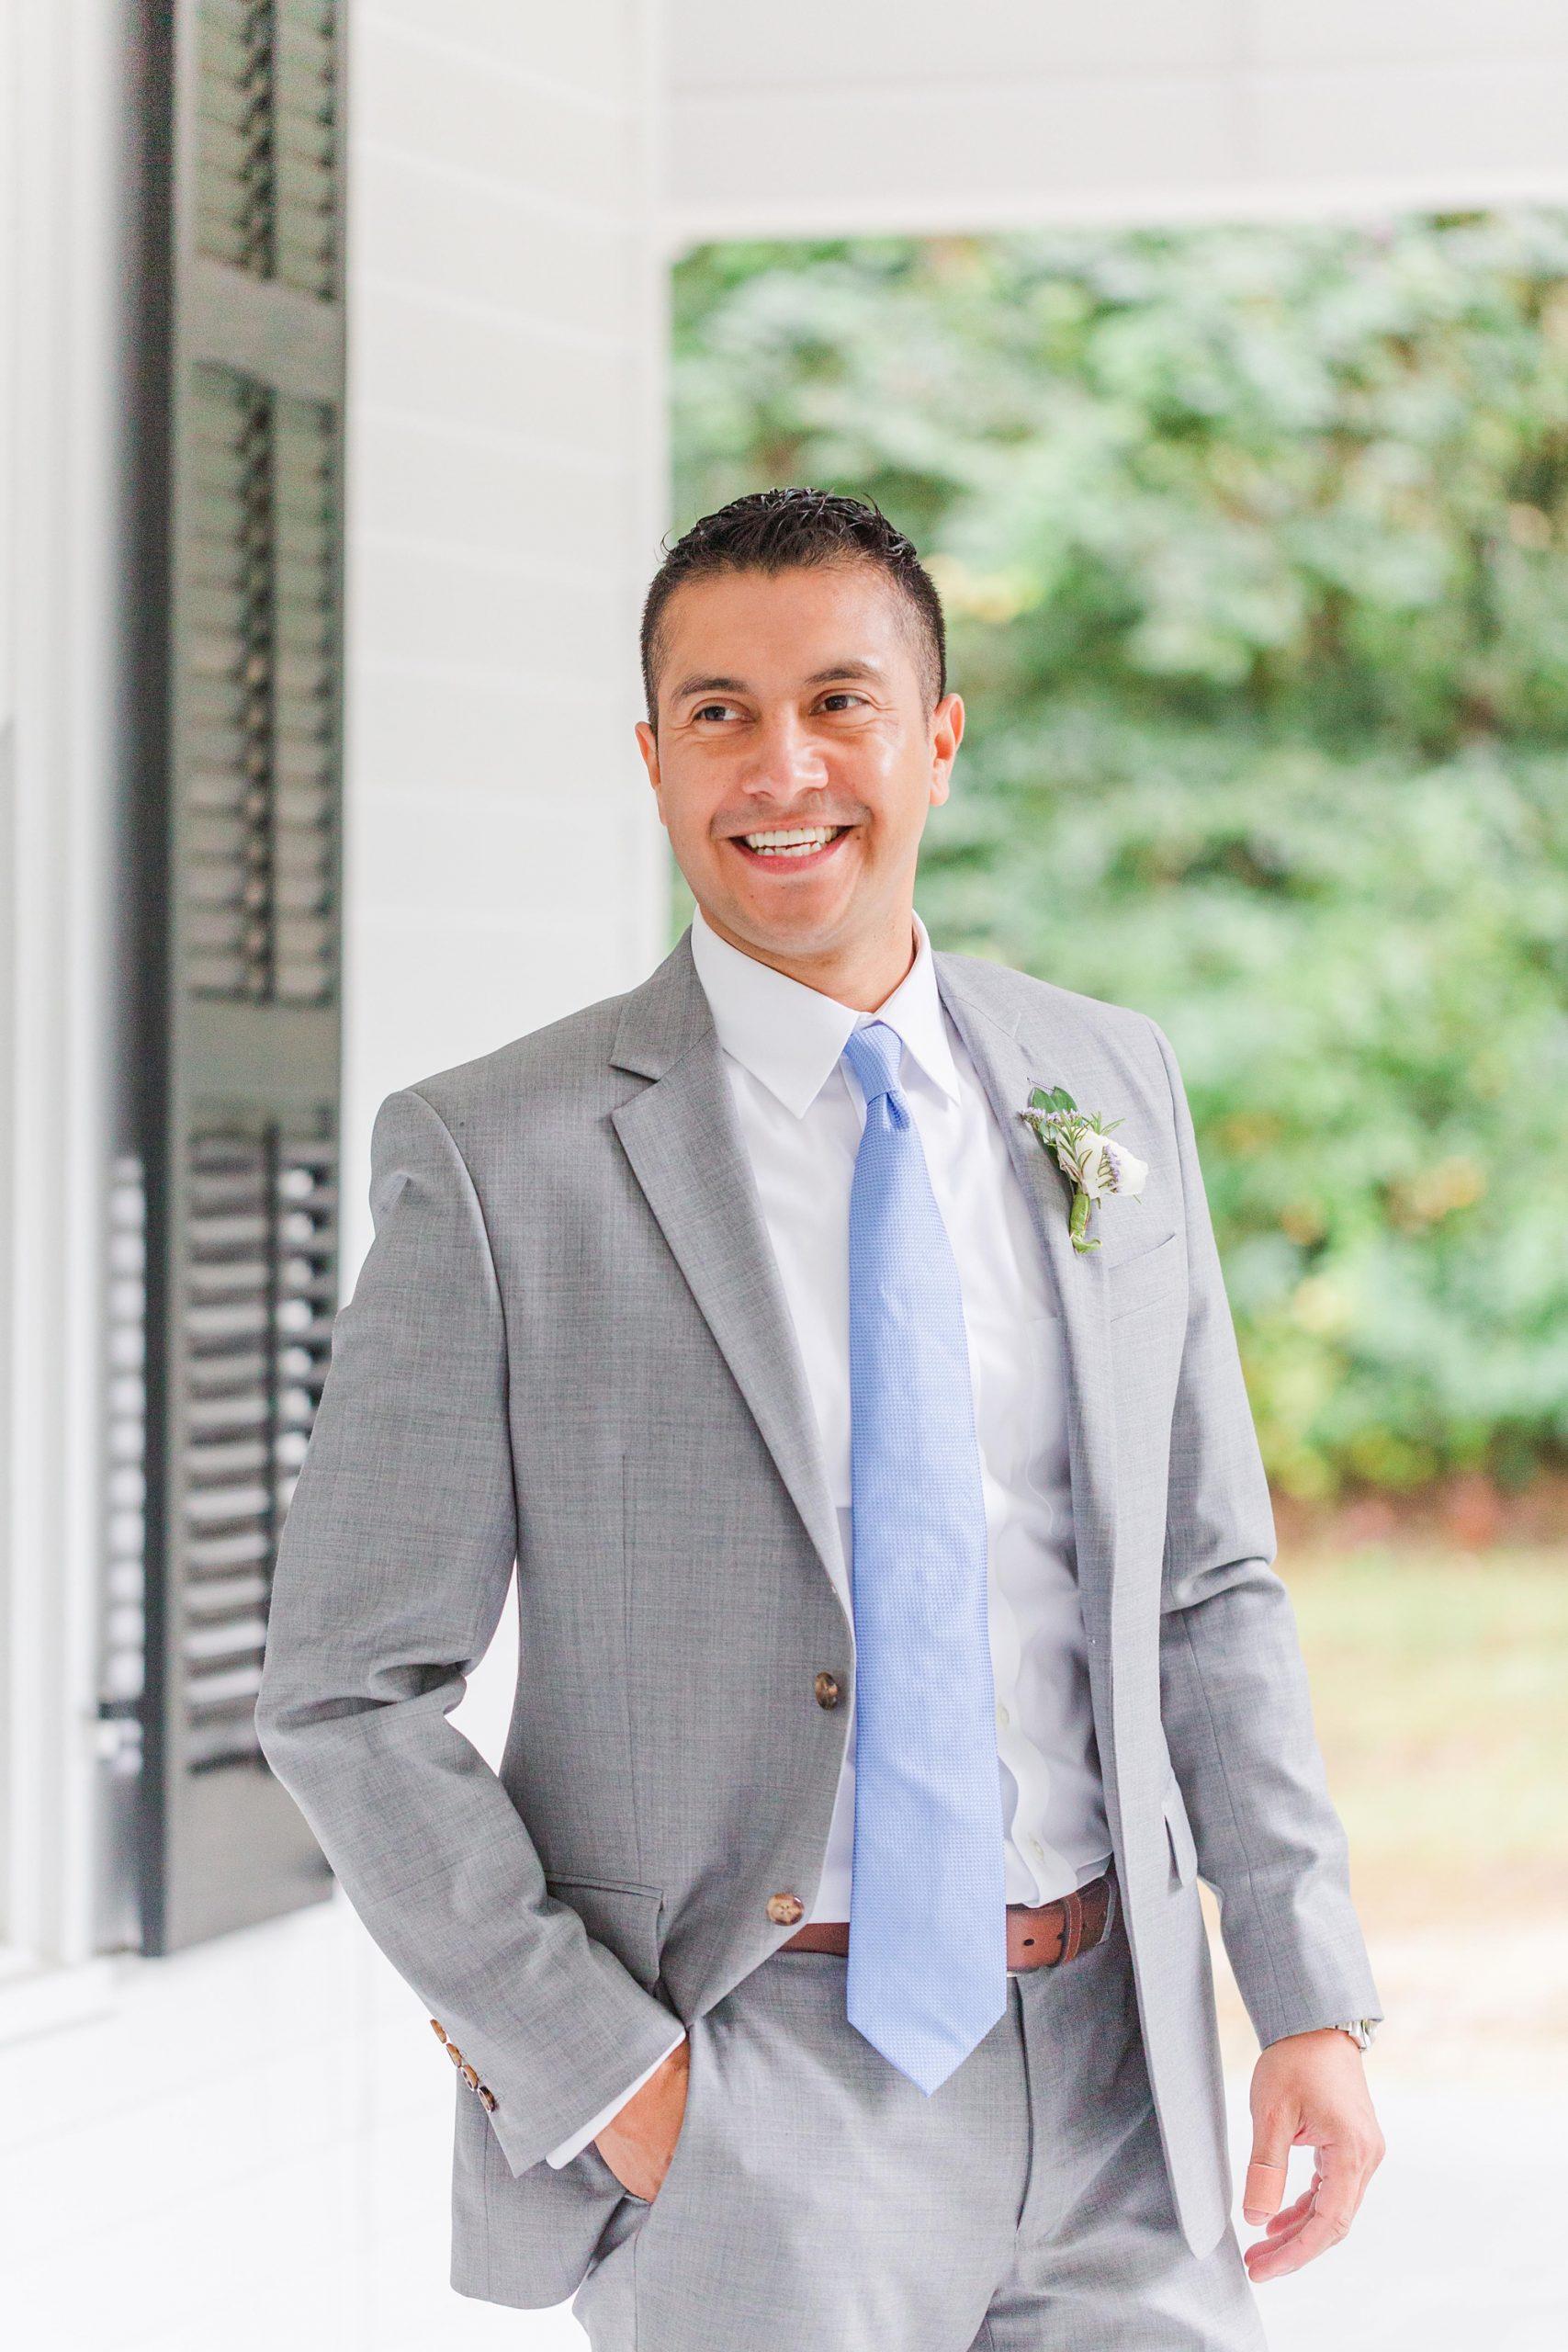 groom poses by front door in grey suit